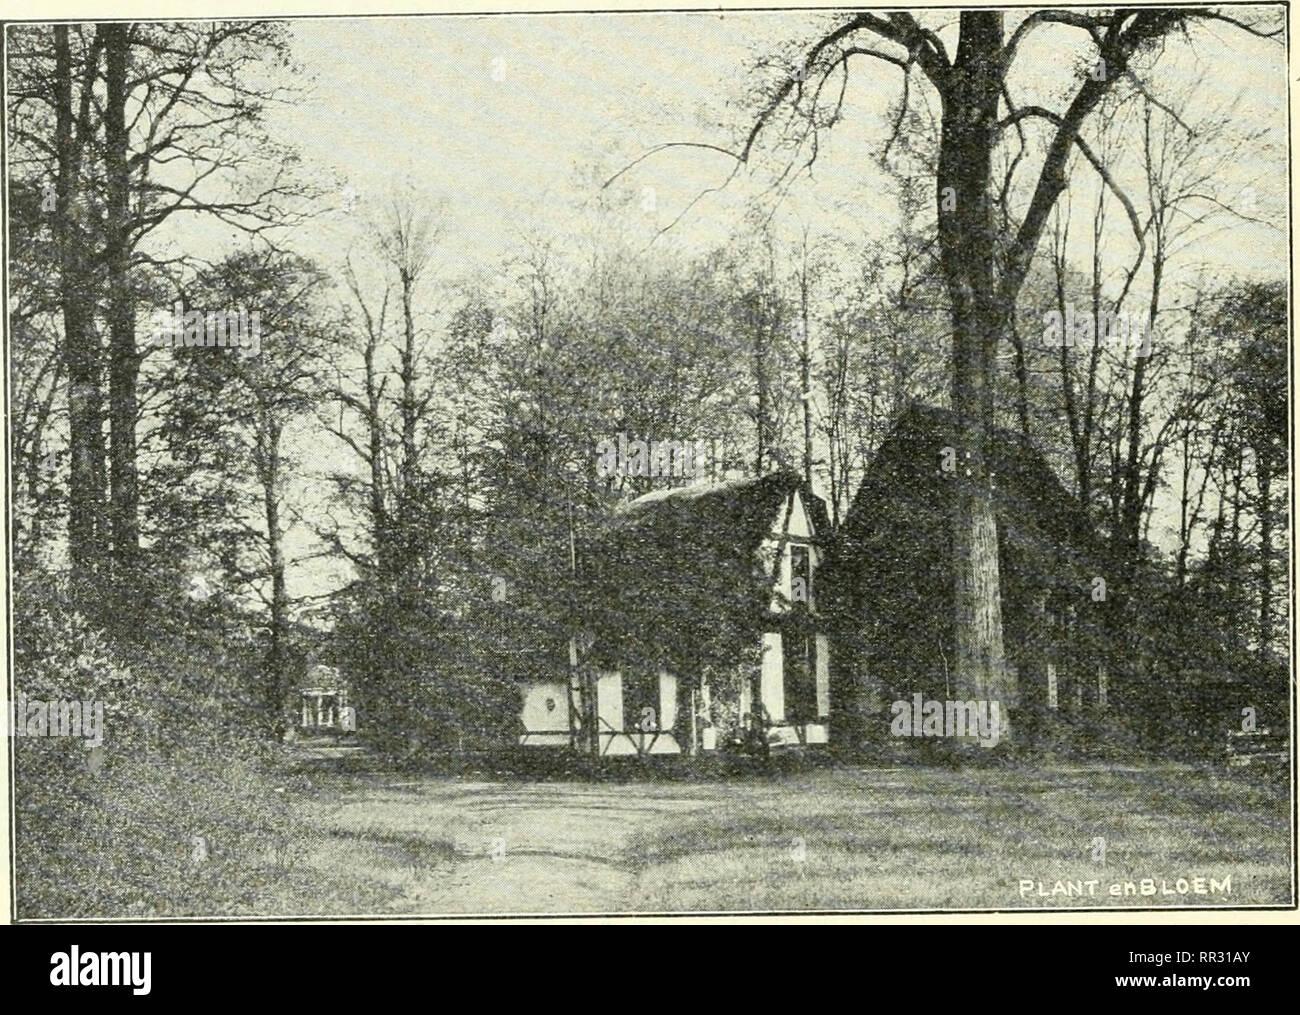 . Actes du IIIme Congres international de botanique : Bruxelles 1910. Botany. — 3o2 — labourés, et dans le lointain s'aperçoit le château du « Middelheim ». Le tout fera partie du nouveau parc et, par conséquent, sera aménagé pour obtenir un ensemble harmonieux. Nous côtoyons, en la dominant, la route de Wilryck et apercevons, plus loin, là où le chemin se retrouve au niveau général du parc, dans une des parties les plus boisées, entre les troncs de hêtres très élancés, un chalet rustique, passablement délabré, mais très pittoresquement niché dans un cadre très fouillé, qui, l'été, sera d'un v Stock Photo